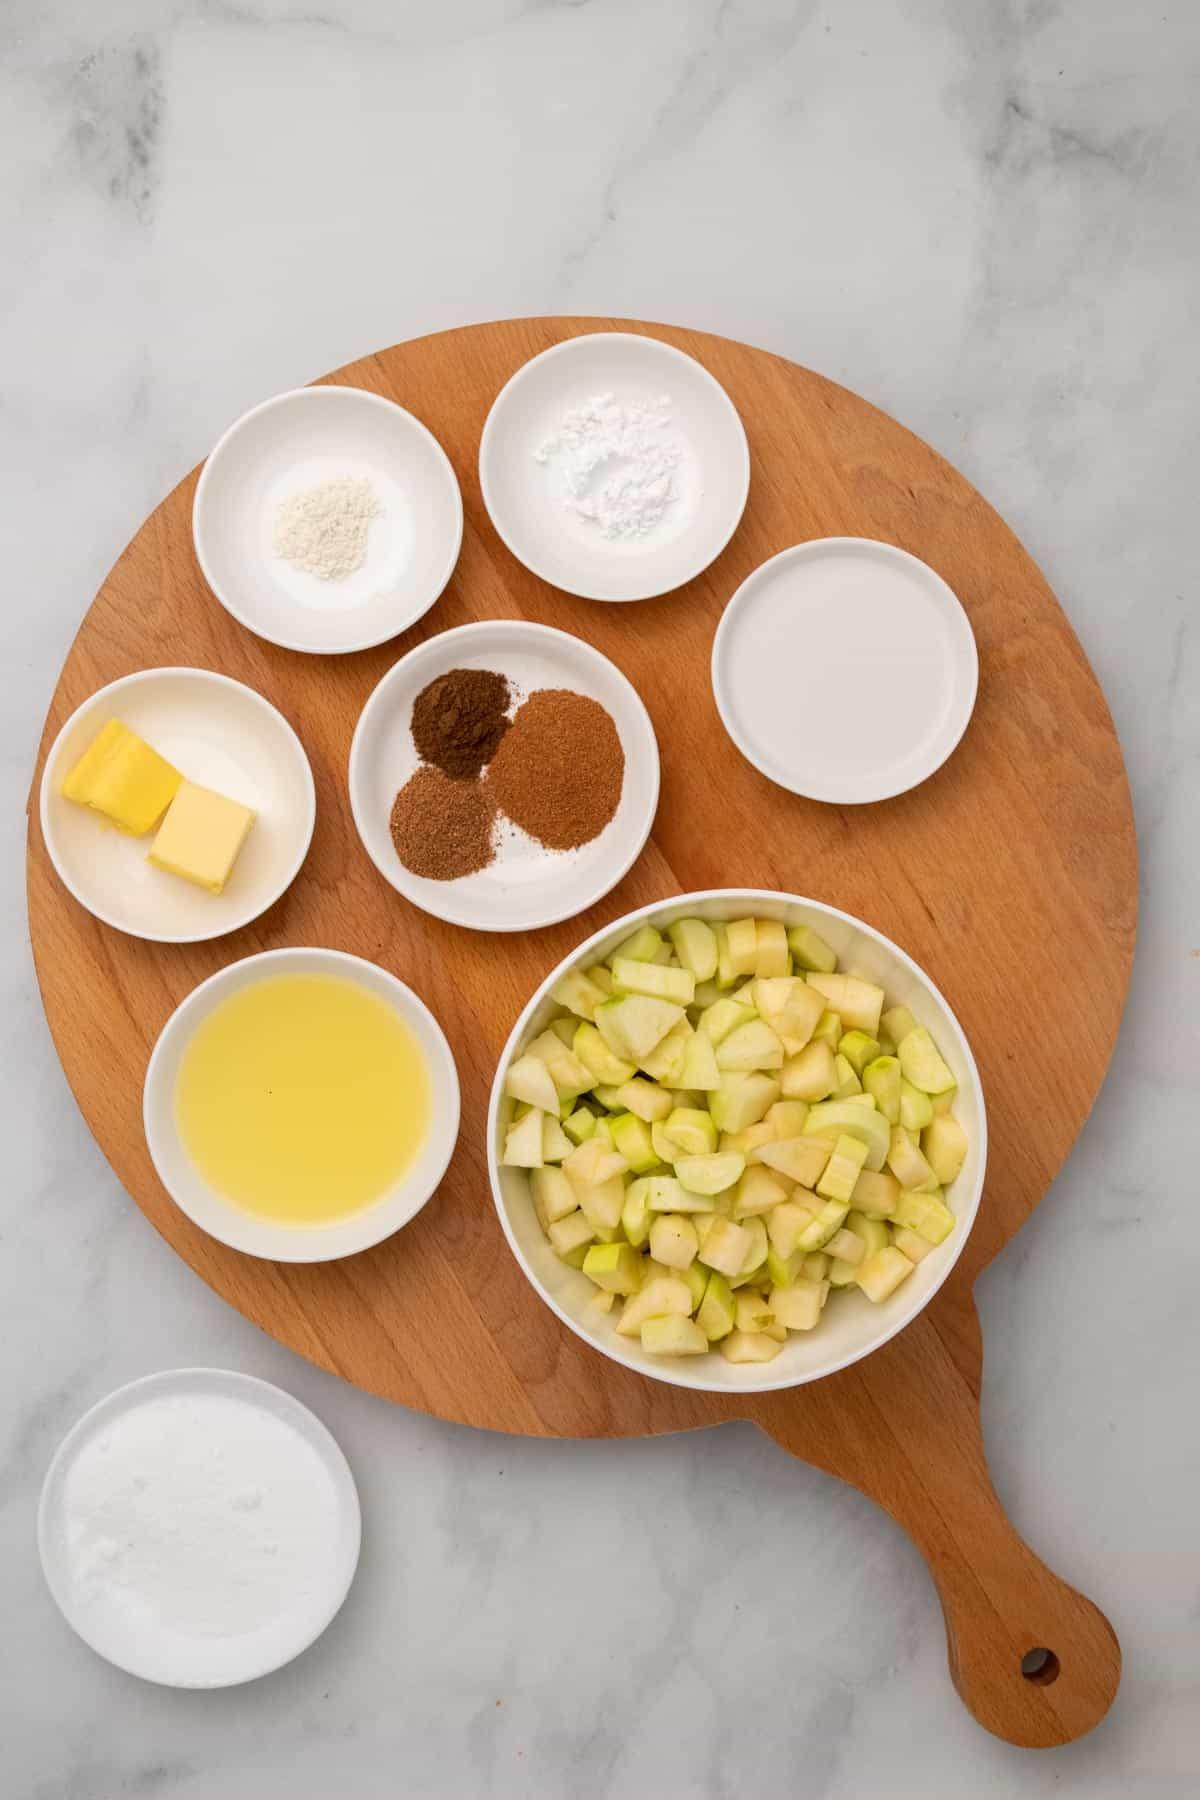 Ingredients in separate ramekins, as seen from above